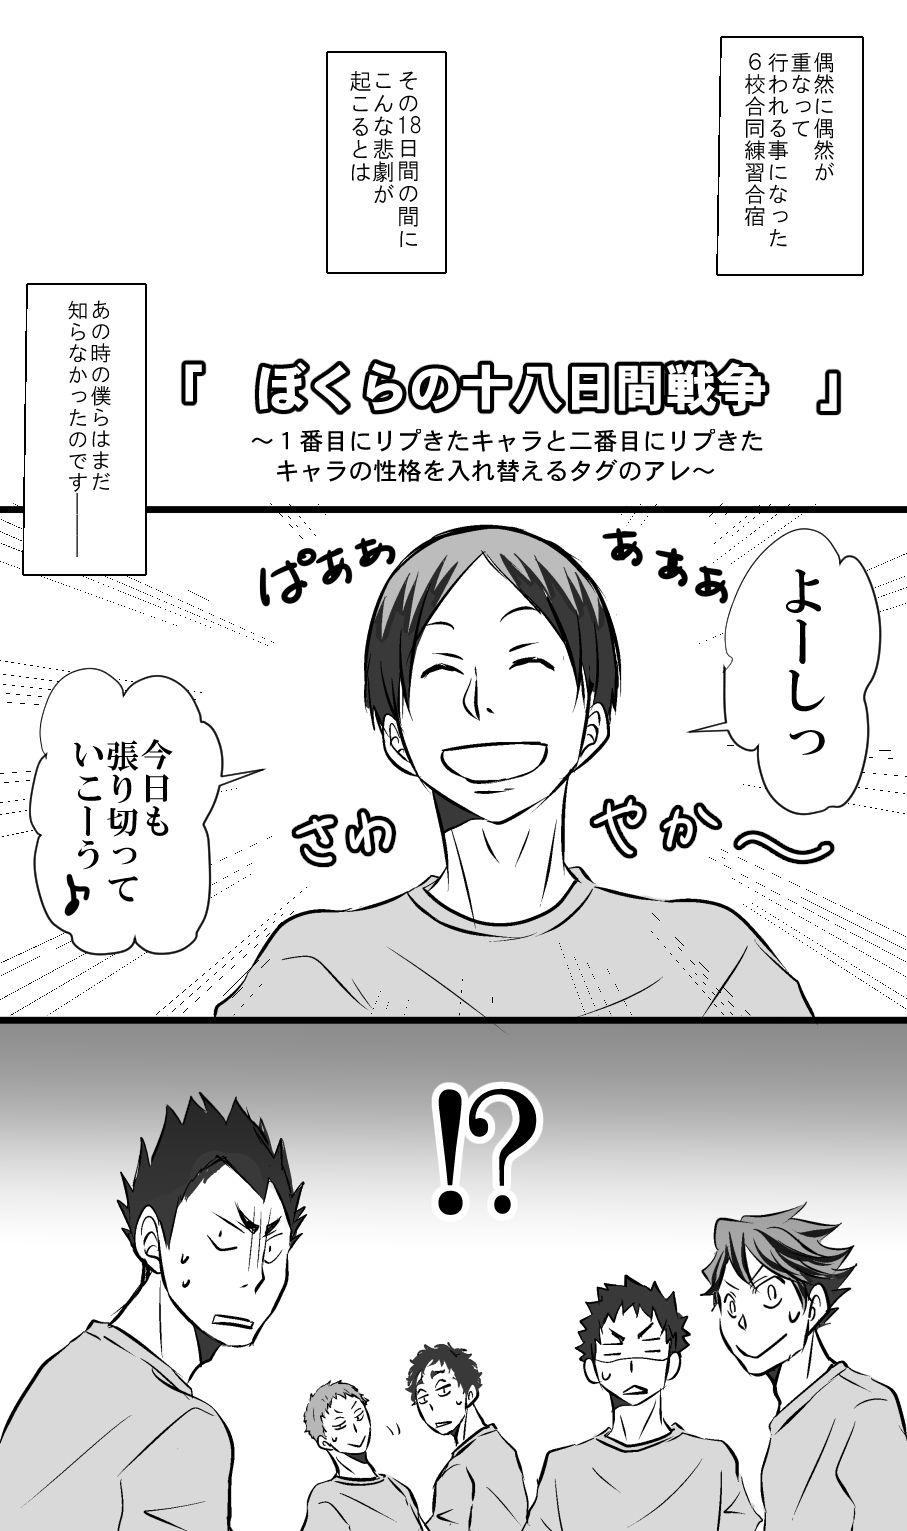 青葉城西 合宿 pixiv 漫画